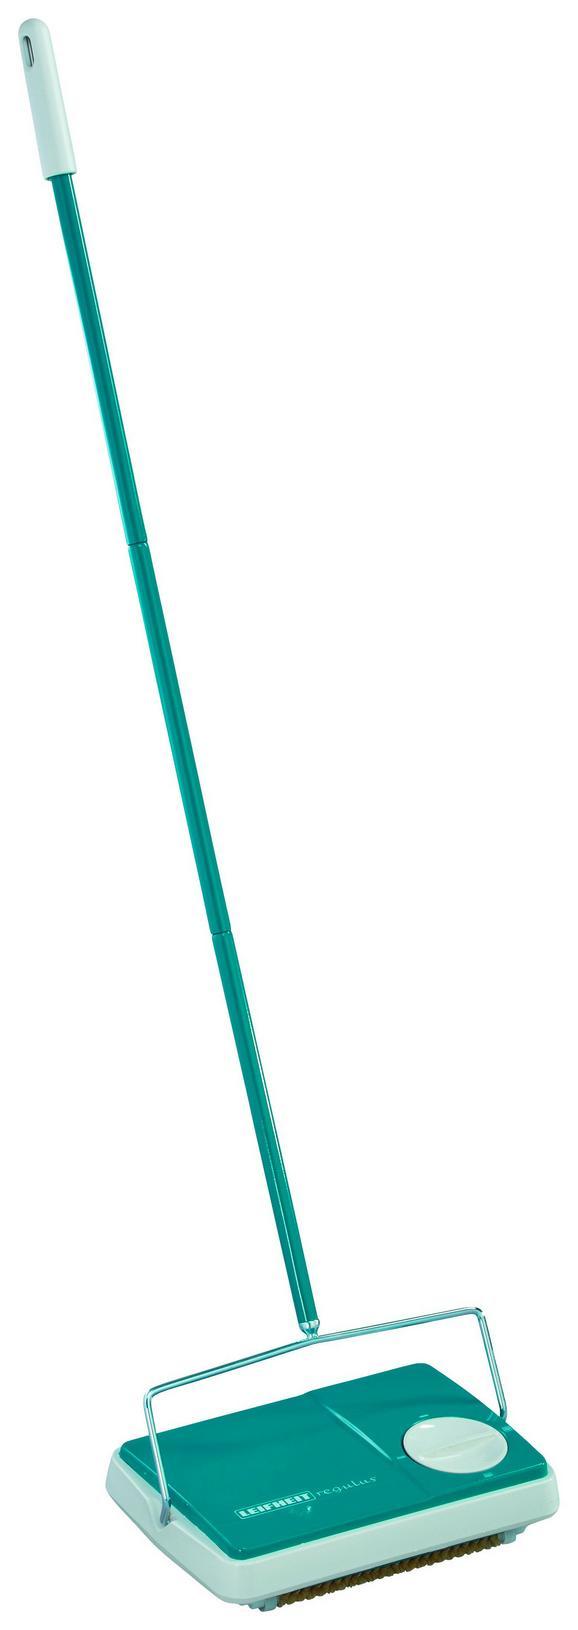 Seprű Leifheit Regulus Szőnyegseprű - zöld, műanyag/fém (6,5/23/28,5cm)